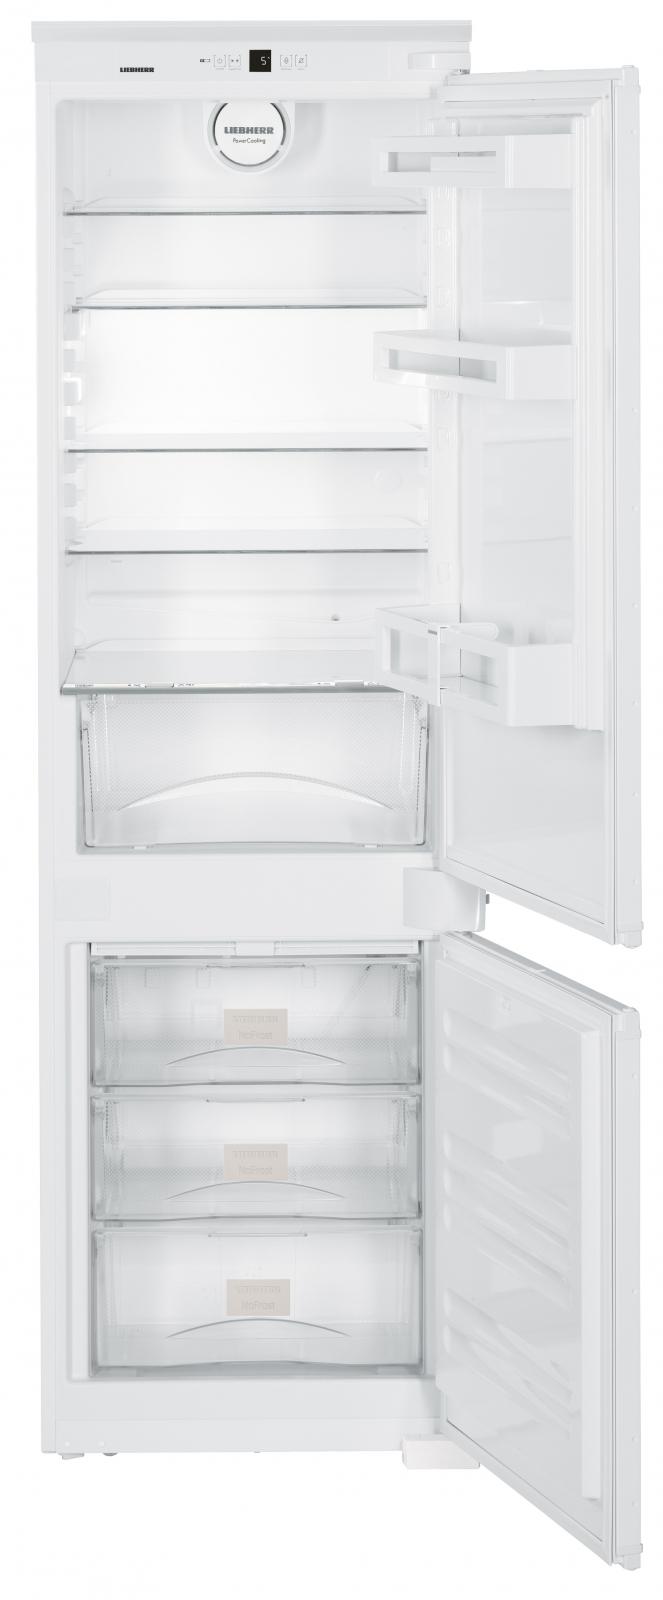 купить Встраиваемый двухкамерный холодильник Liebherr ICUNS 3324 Украина фото 3